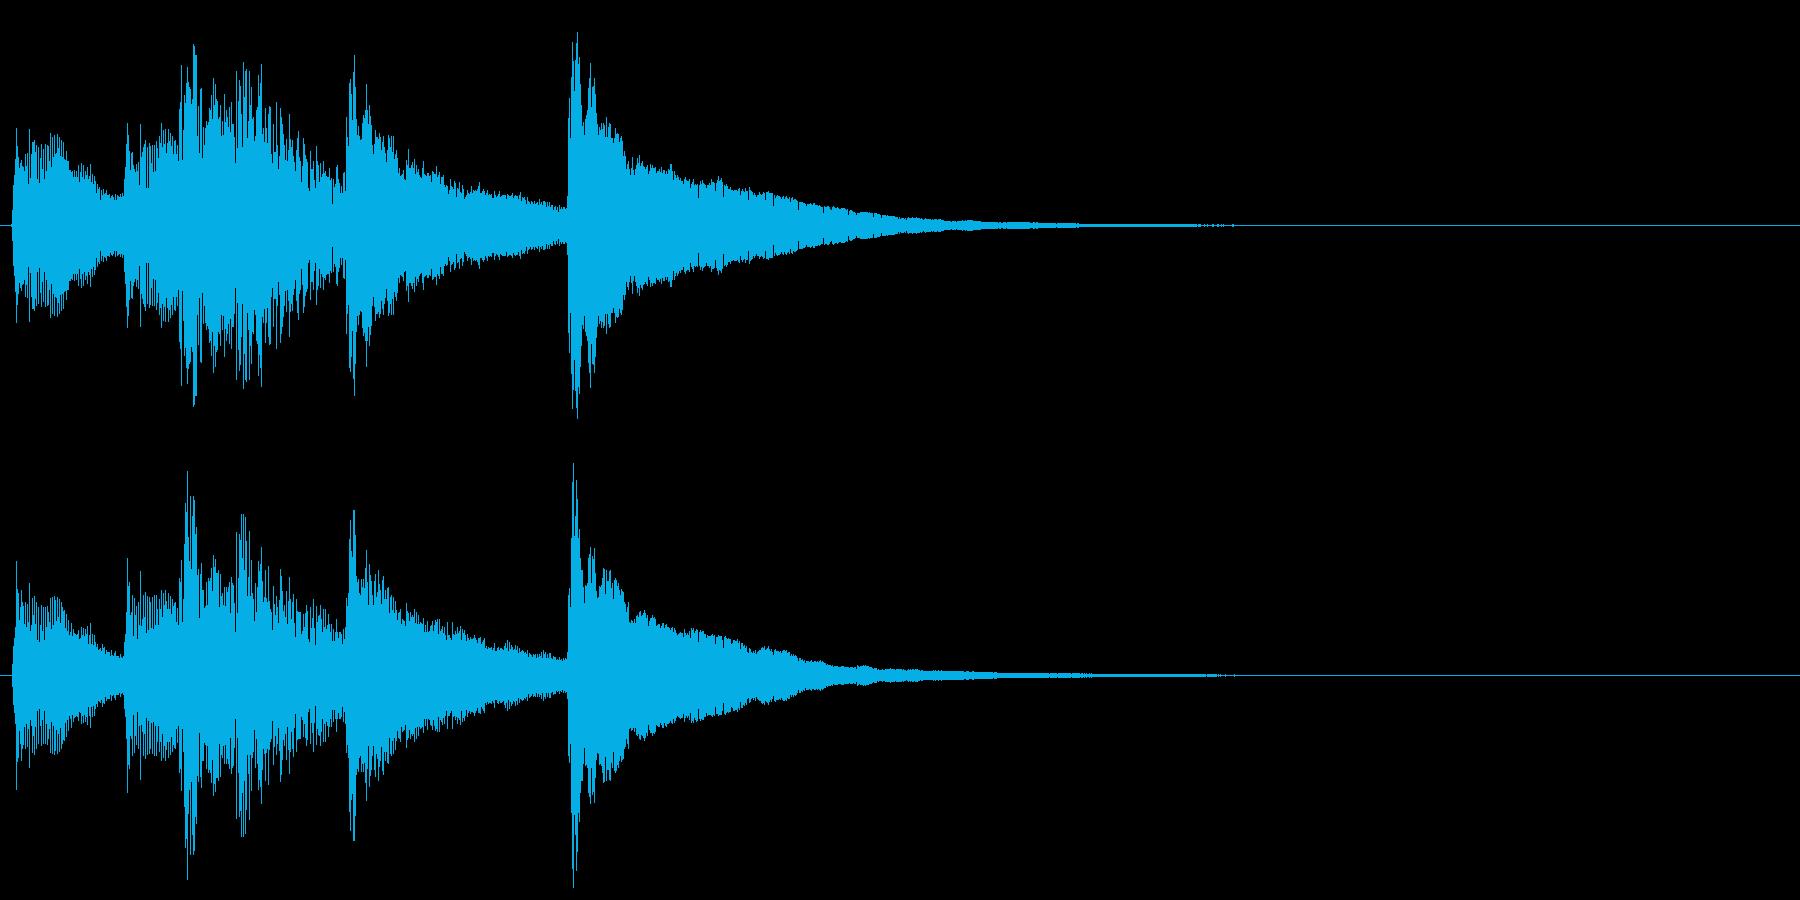 6,明るめのサウンドロゴ (3秒ロゴ)の再生済みの波形